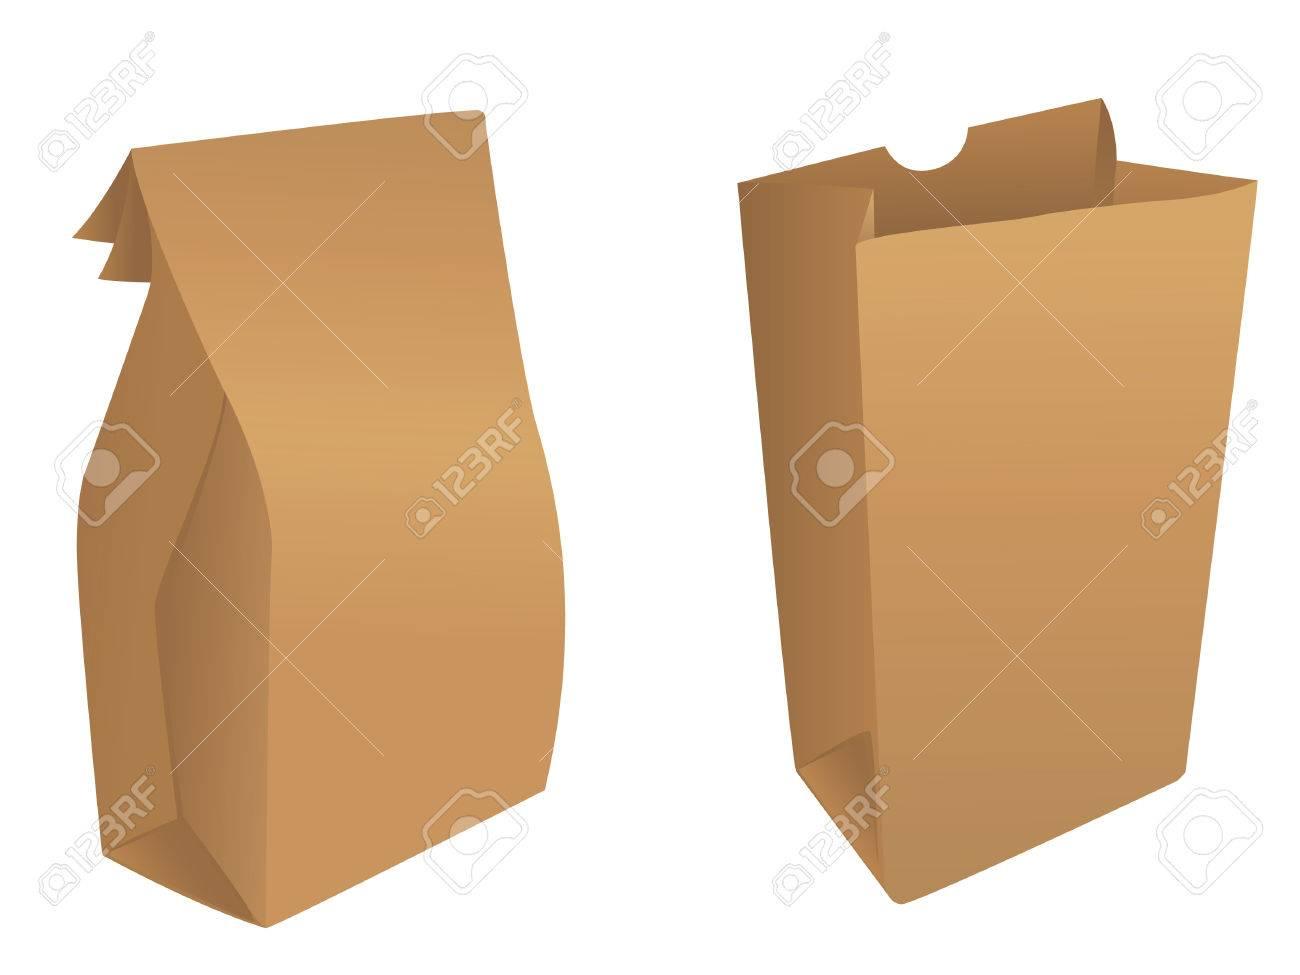 Paper bag vector - Brown Paper Bags Stock Vector 4558960